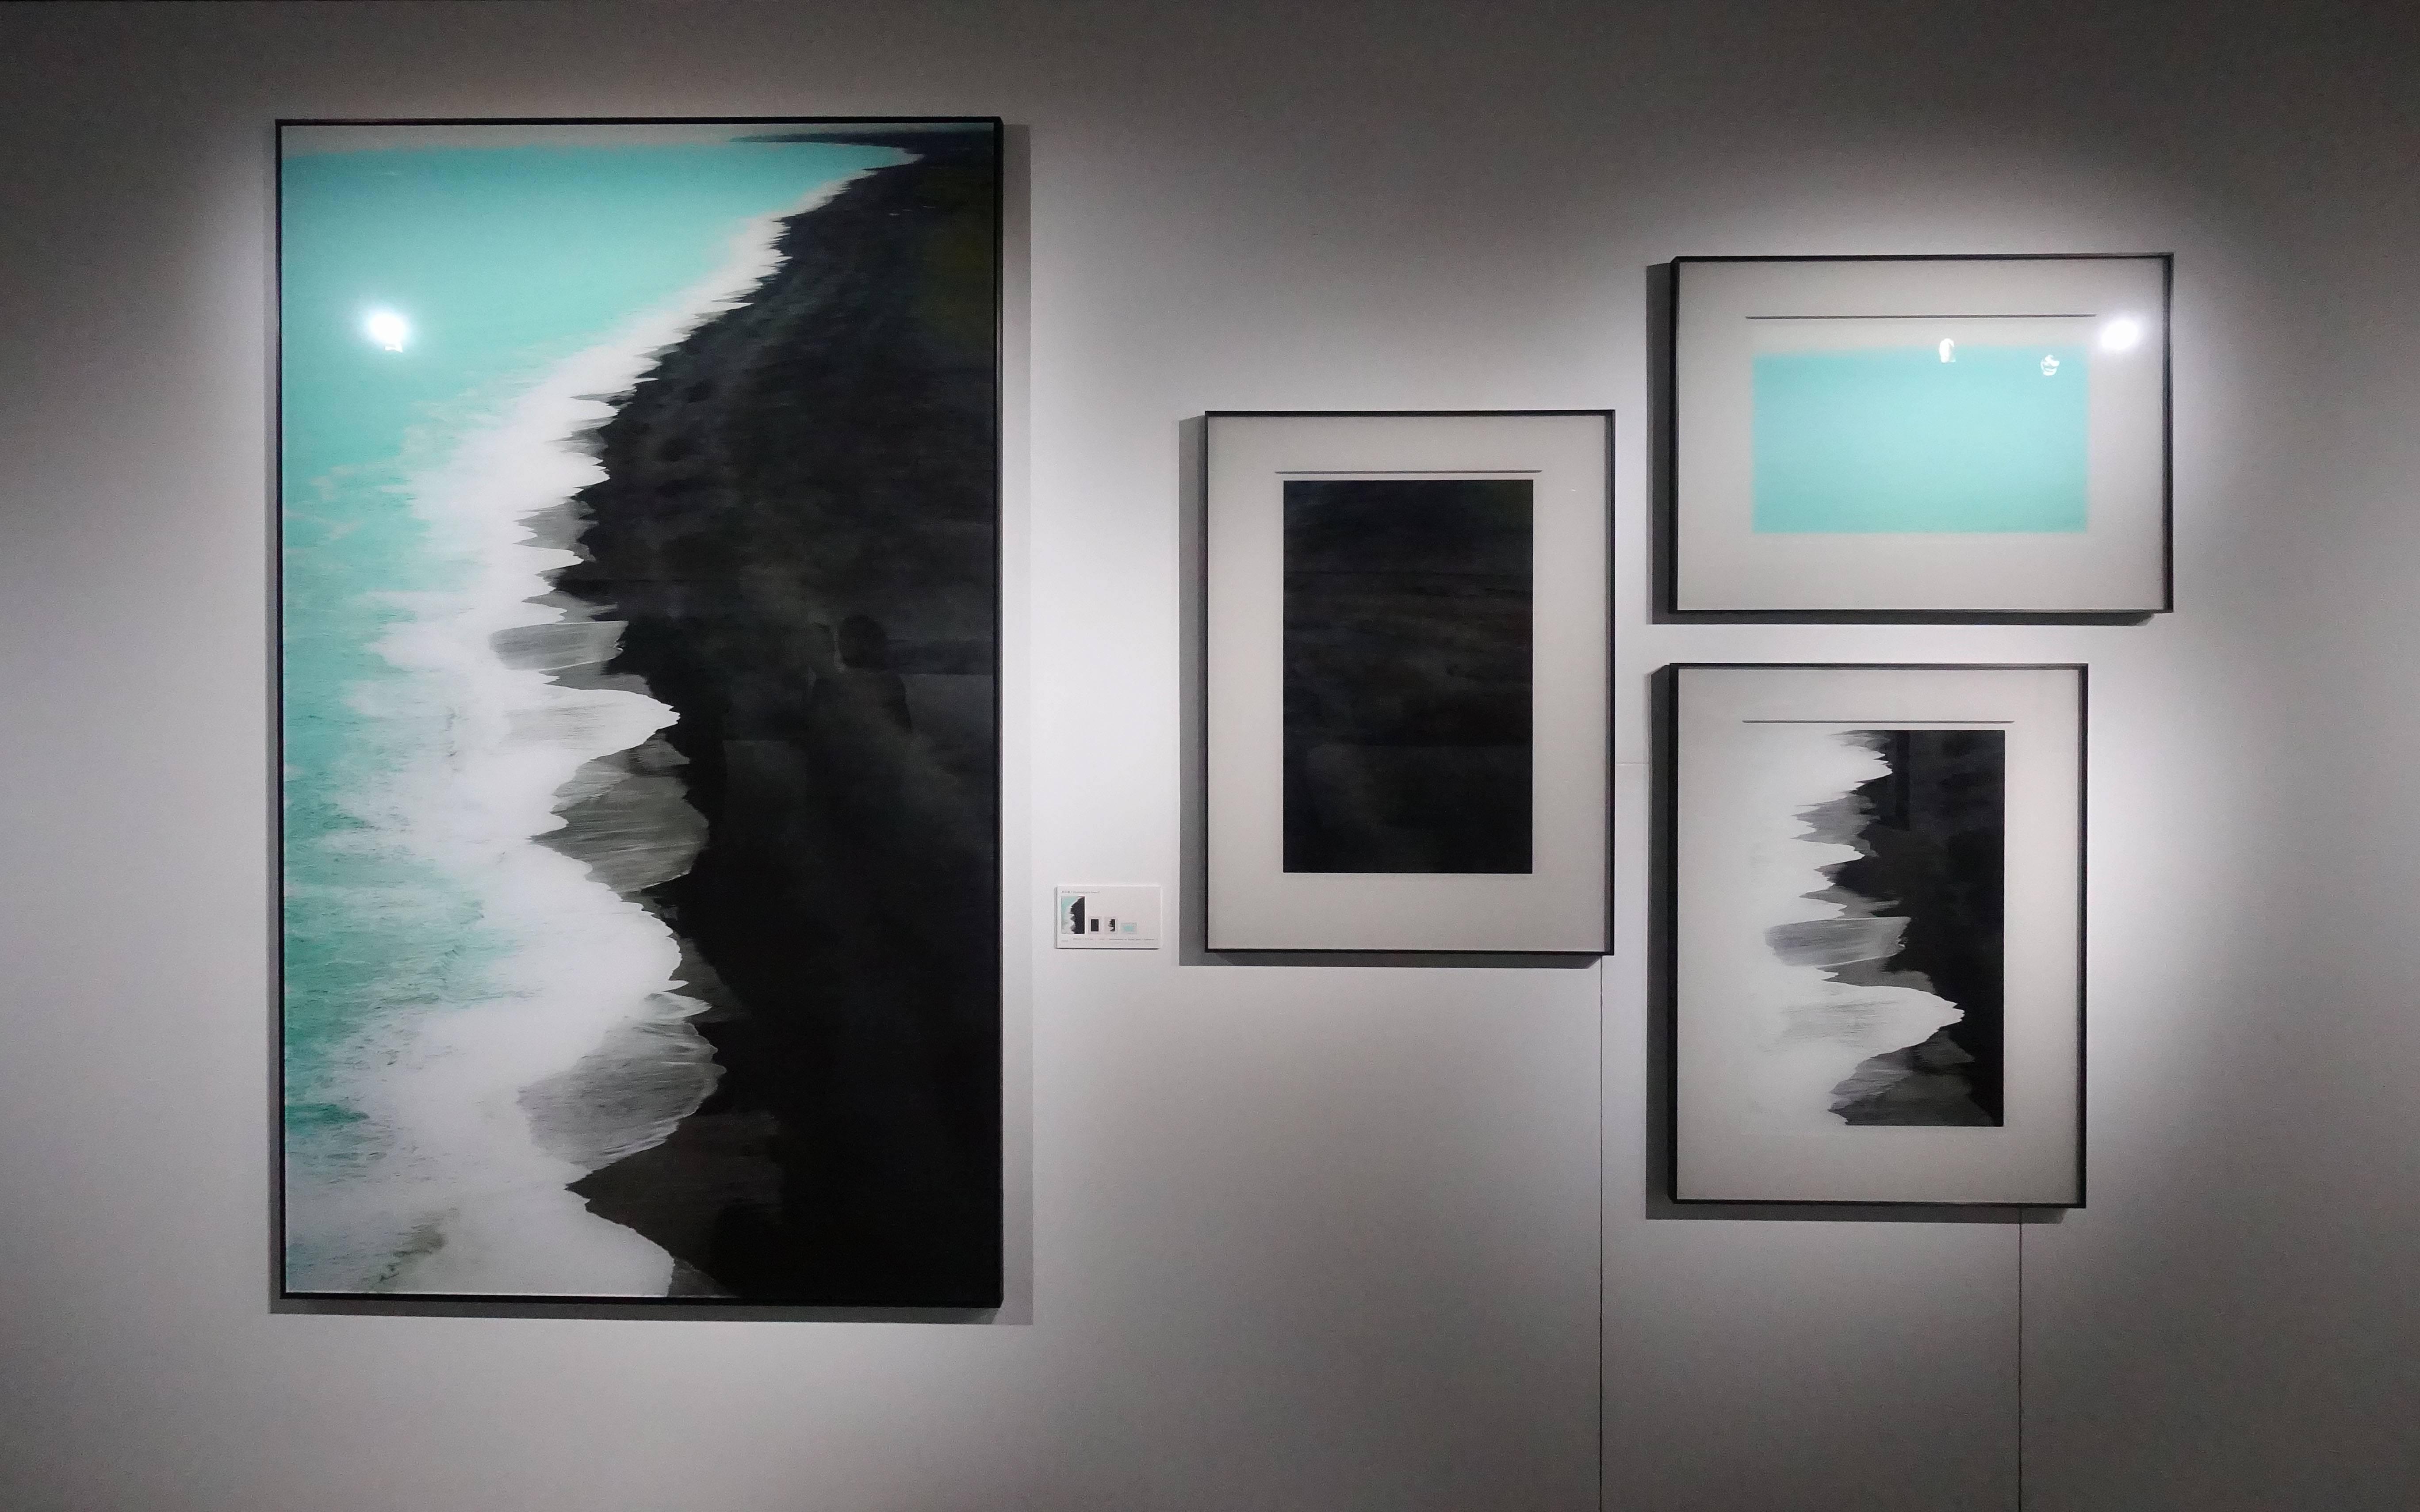 劉群群,《黑沙灘》系列,攝影,2019。